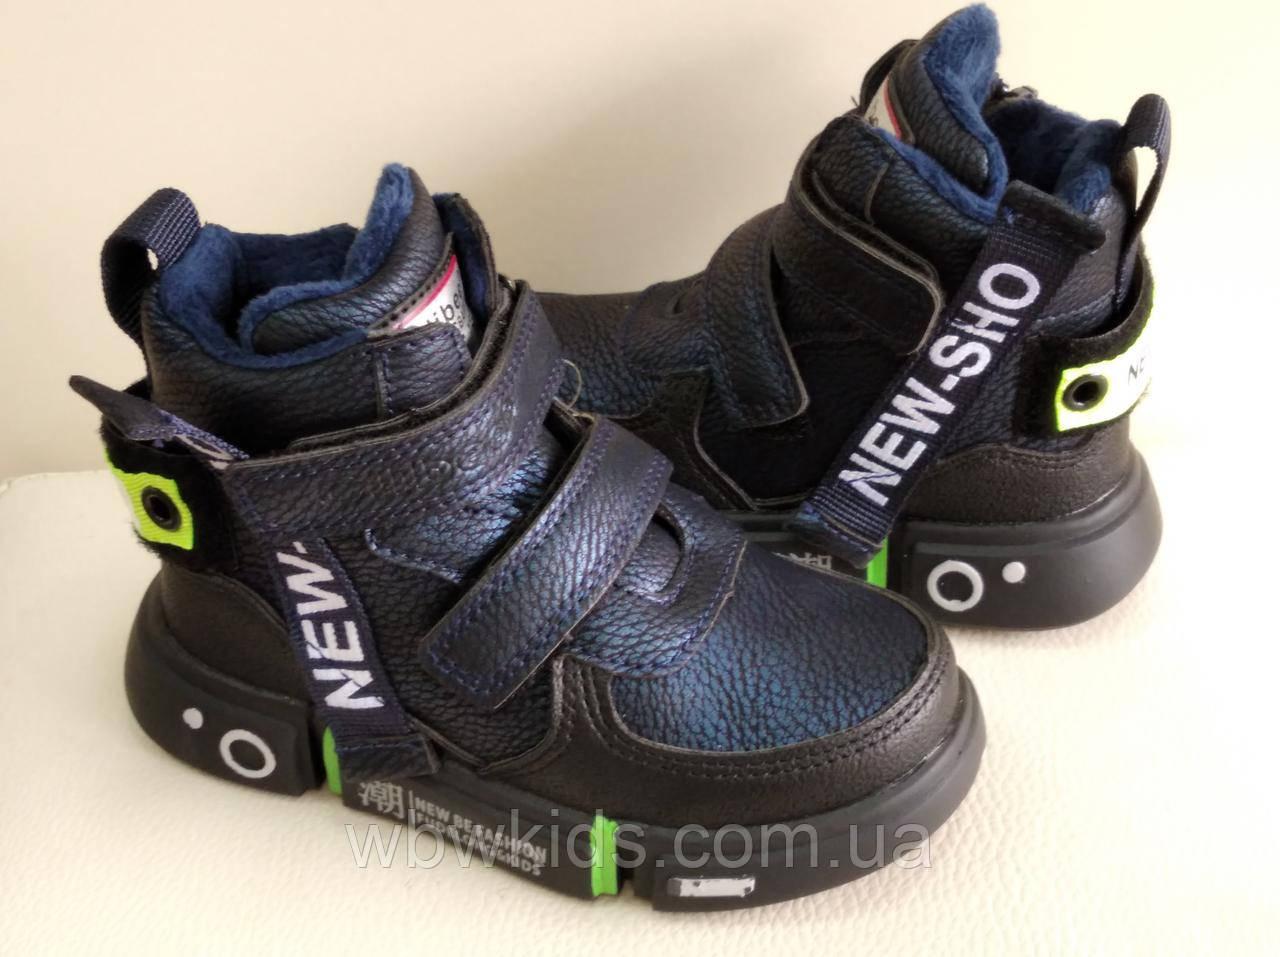 Ботинки детские Clibee P-600 для мальчиков темно-синие 23р.